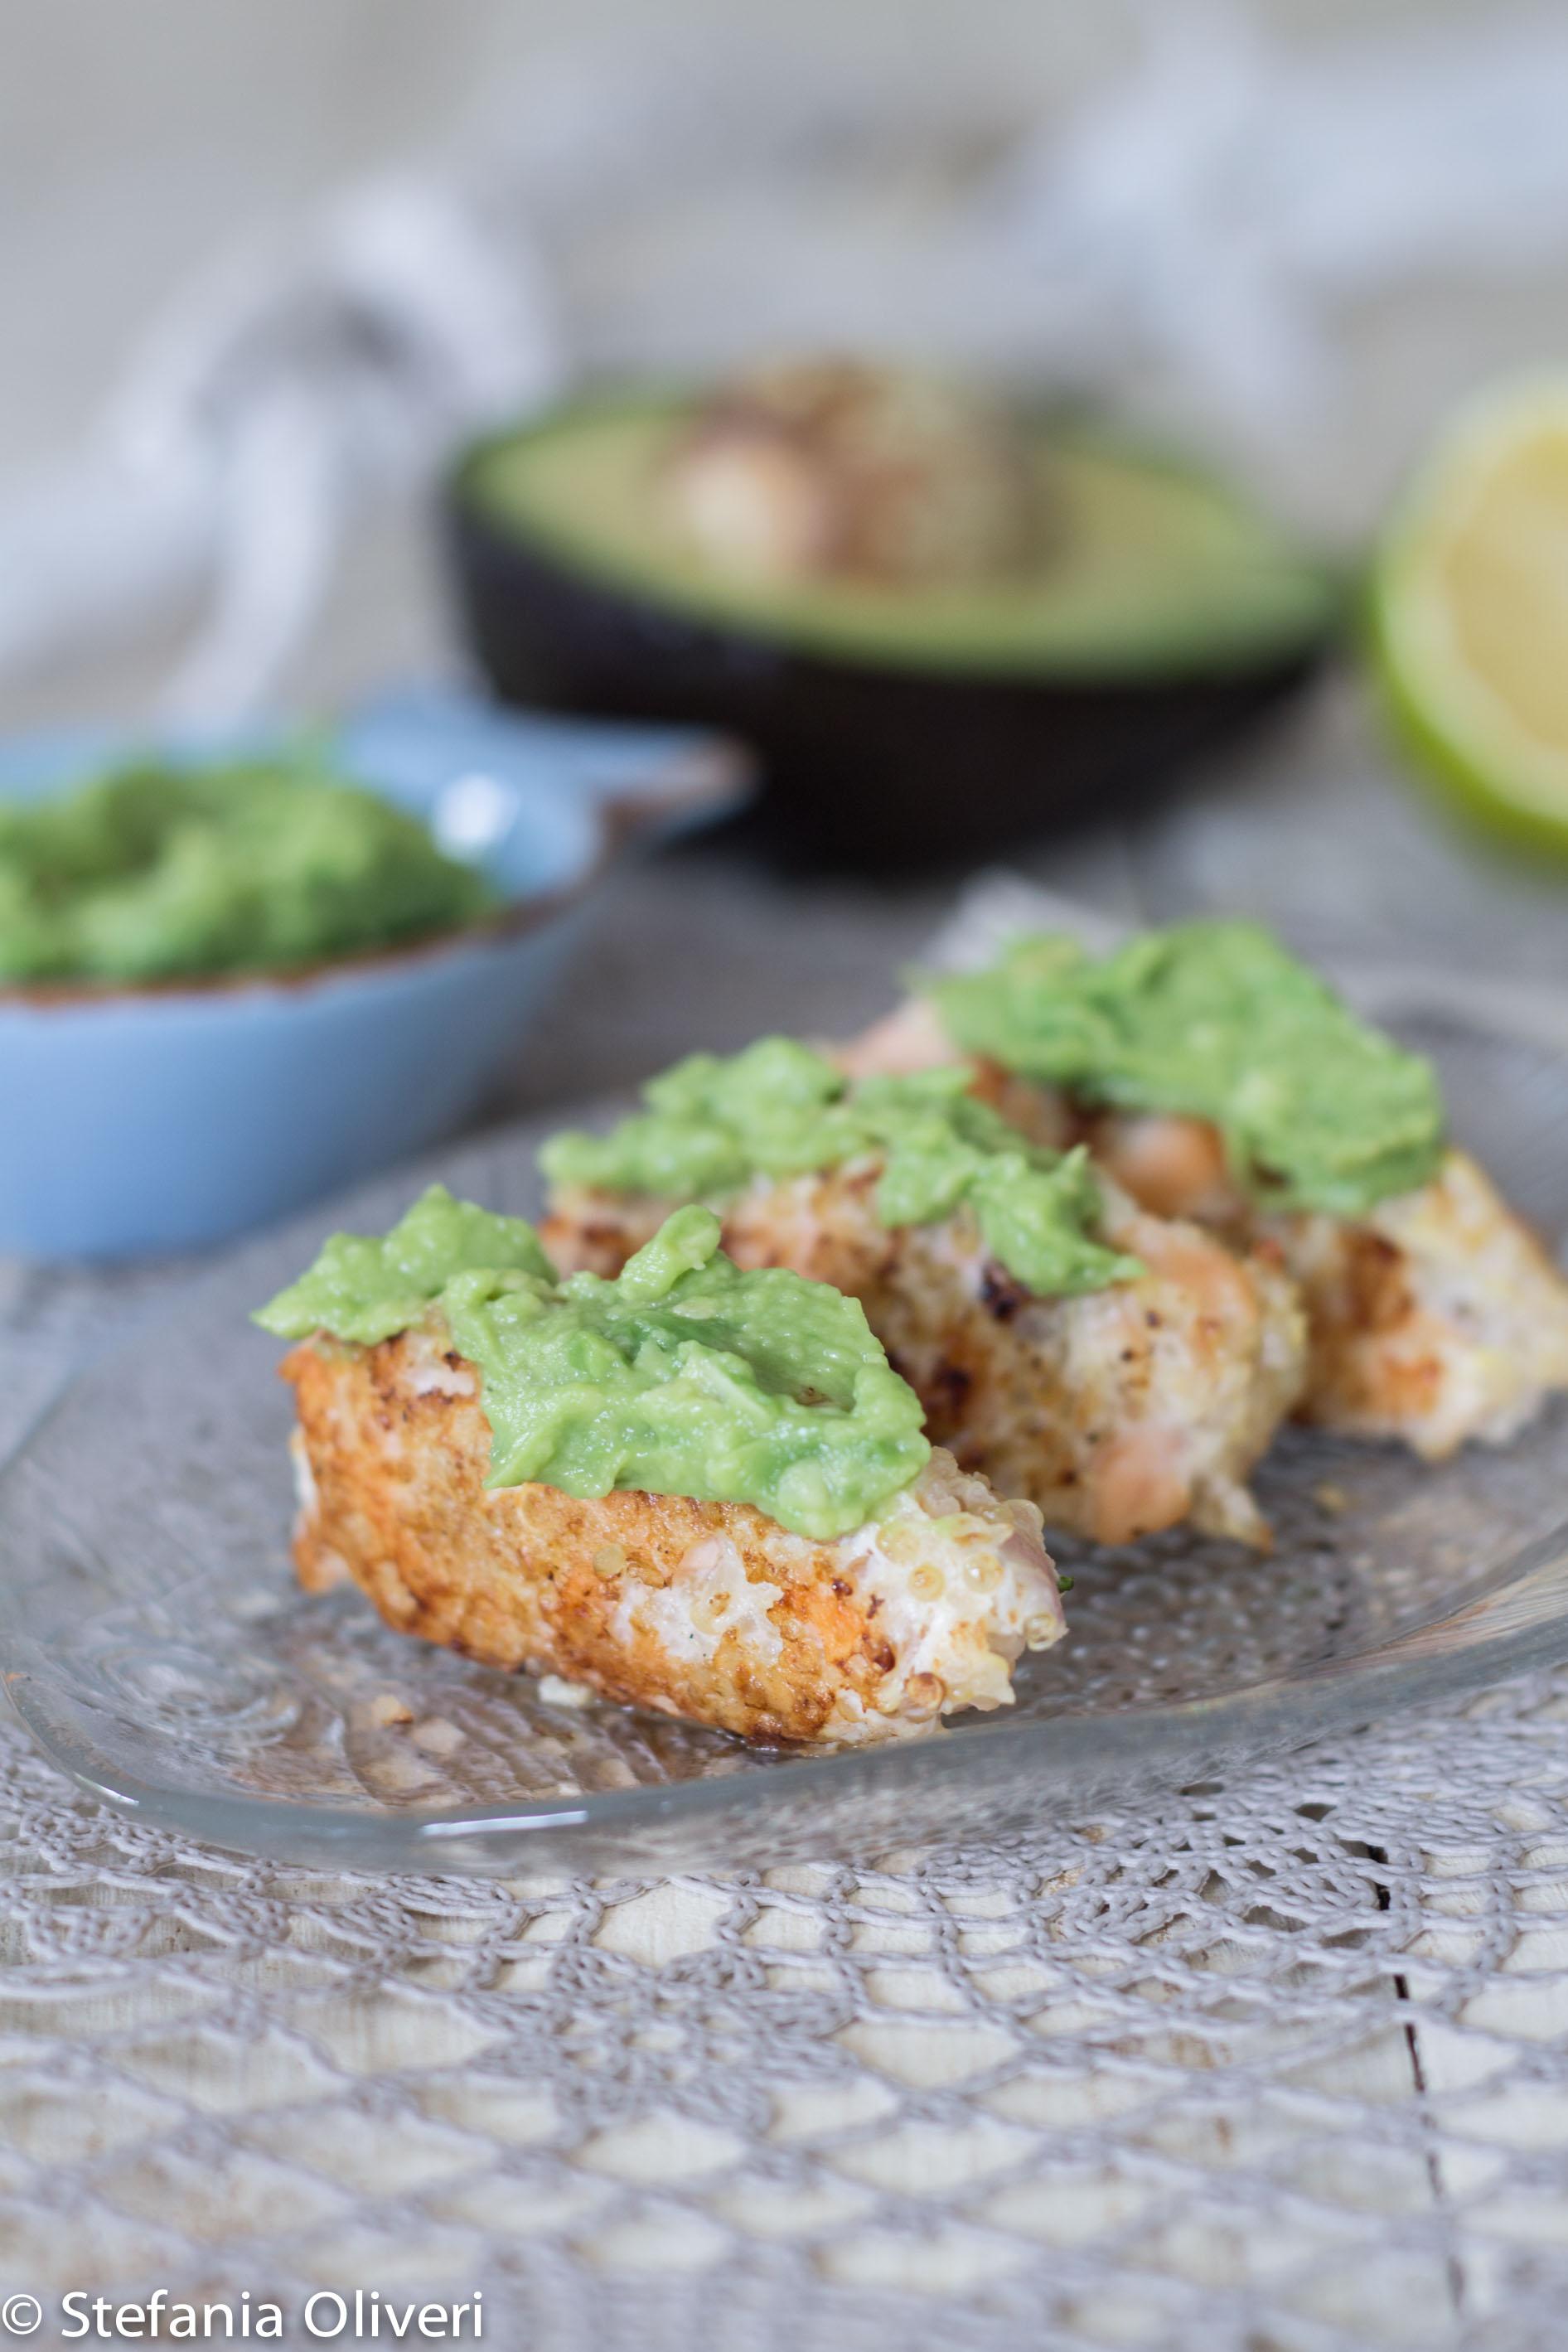 Quenelle di salmone e quinoa e salsa di avocado - Cardamomo & co